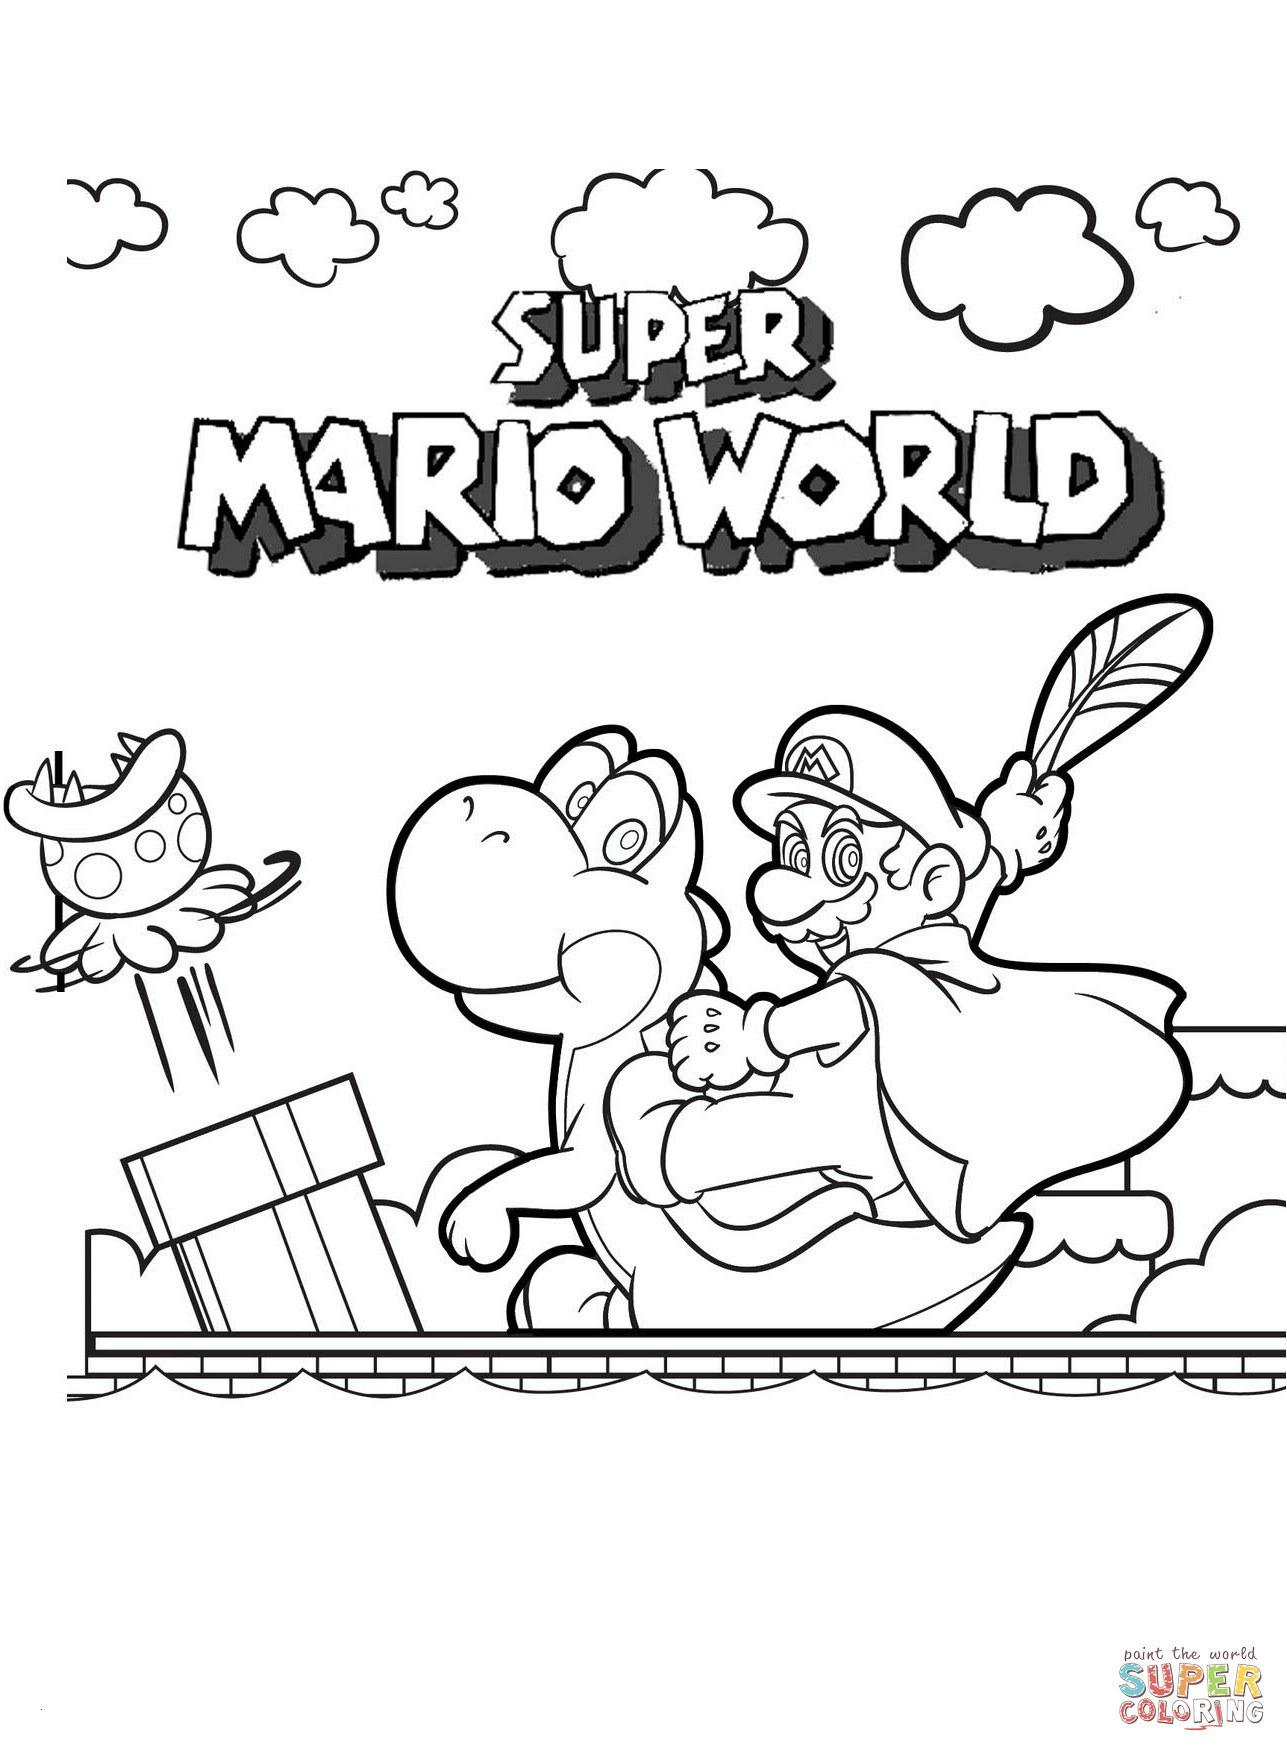 Mario Kart Ausmalbild Neu 37 Super Mario Kart Ausmalbilder Scoredatscore Inspirierend Super Fotografieren